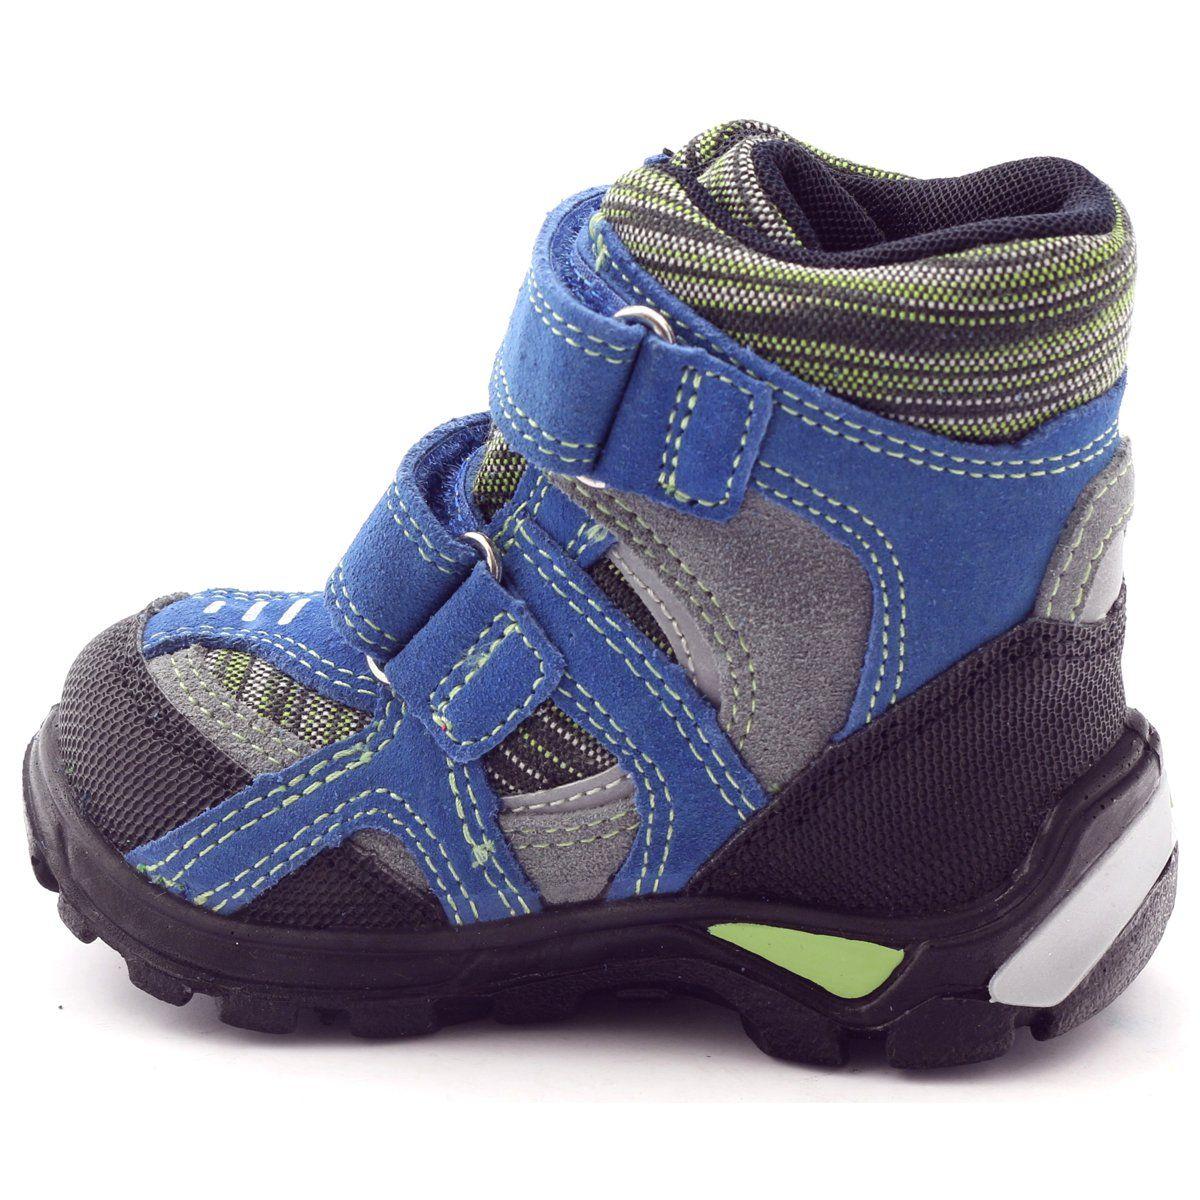 Kozaczki Dla Dzieci Bartek Zielone Niebieskie Czarne Trzewiki Z Membrana Bartek 91929 Szare Childrens Boots Kid Shoes Boots